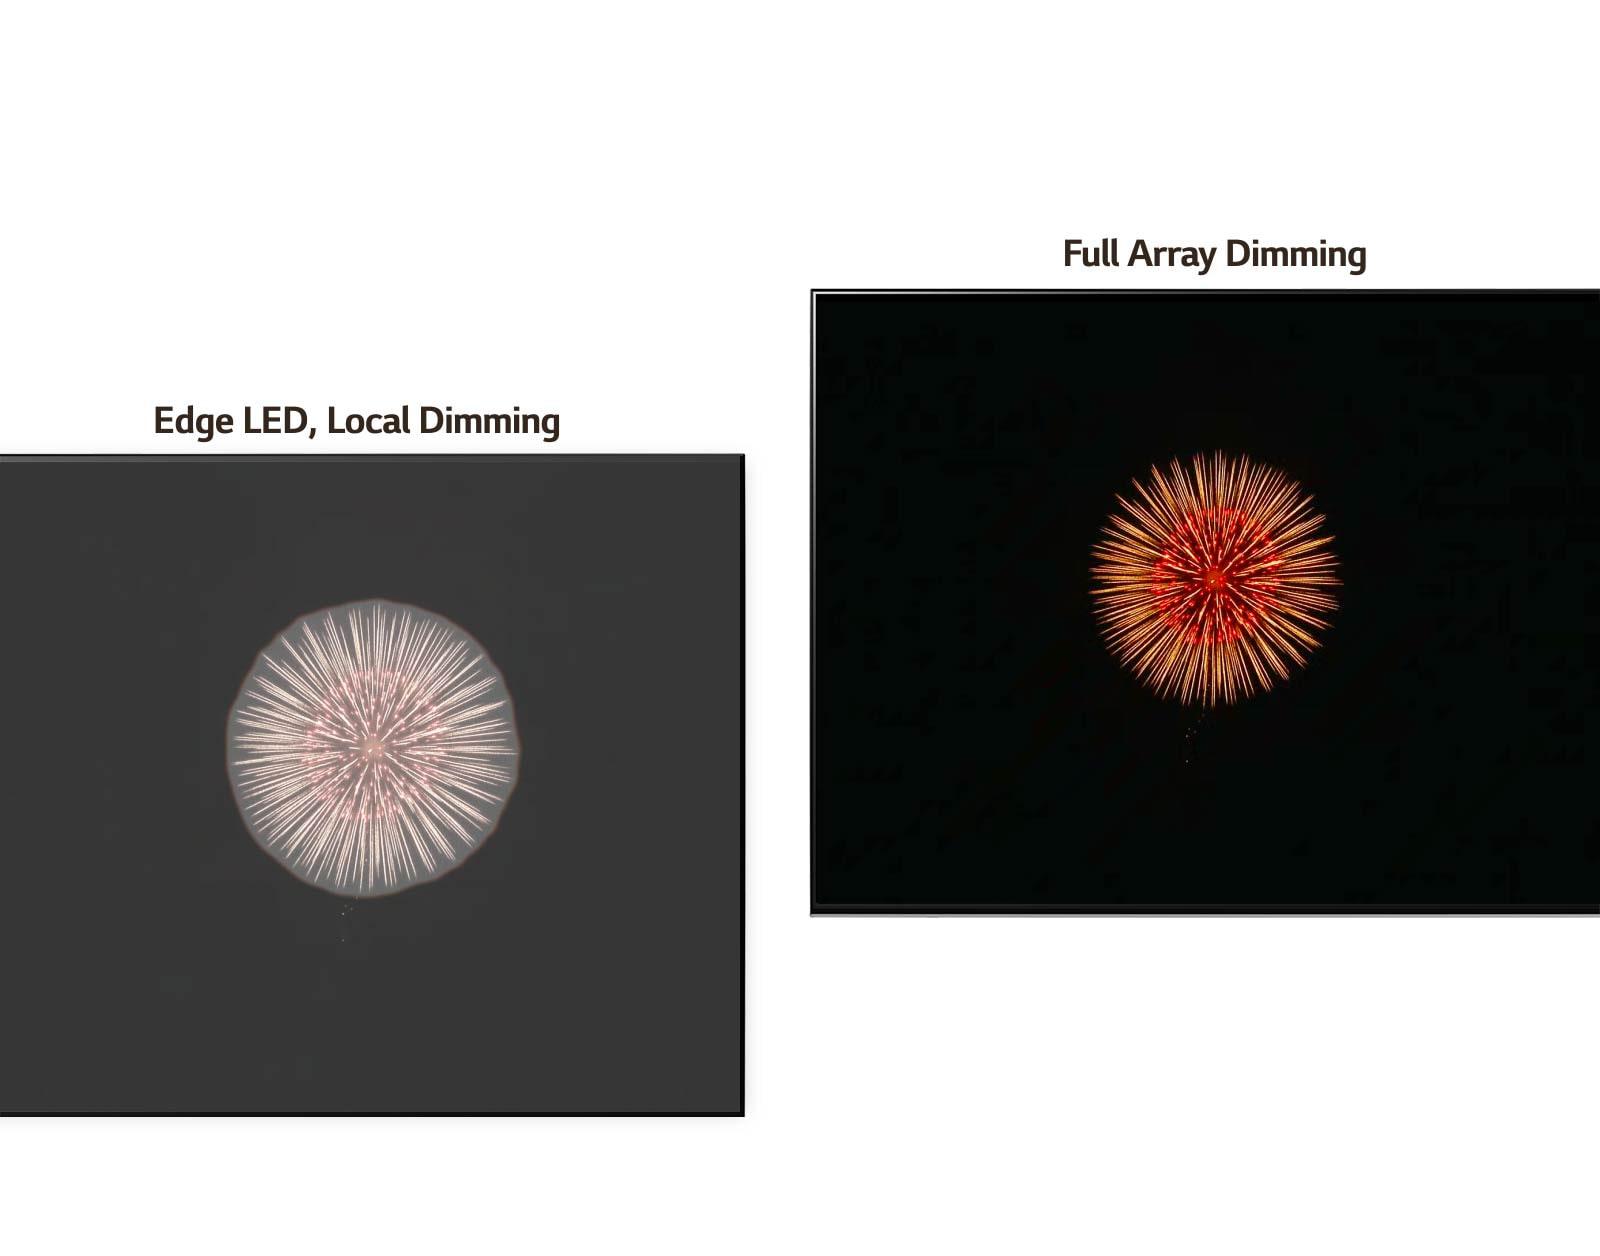 مقارنة بين نظام Edge LED والتعتيم الموضعي على اليسار مع تأثير الهالة وتعتيم المصفوفة الكاملة على اليمين مع درجات سوداء أكثر قتامة والتقليل من تأثير الهالة (تشغيل الفيديو).